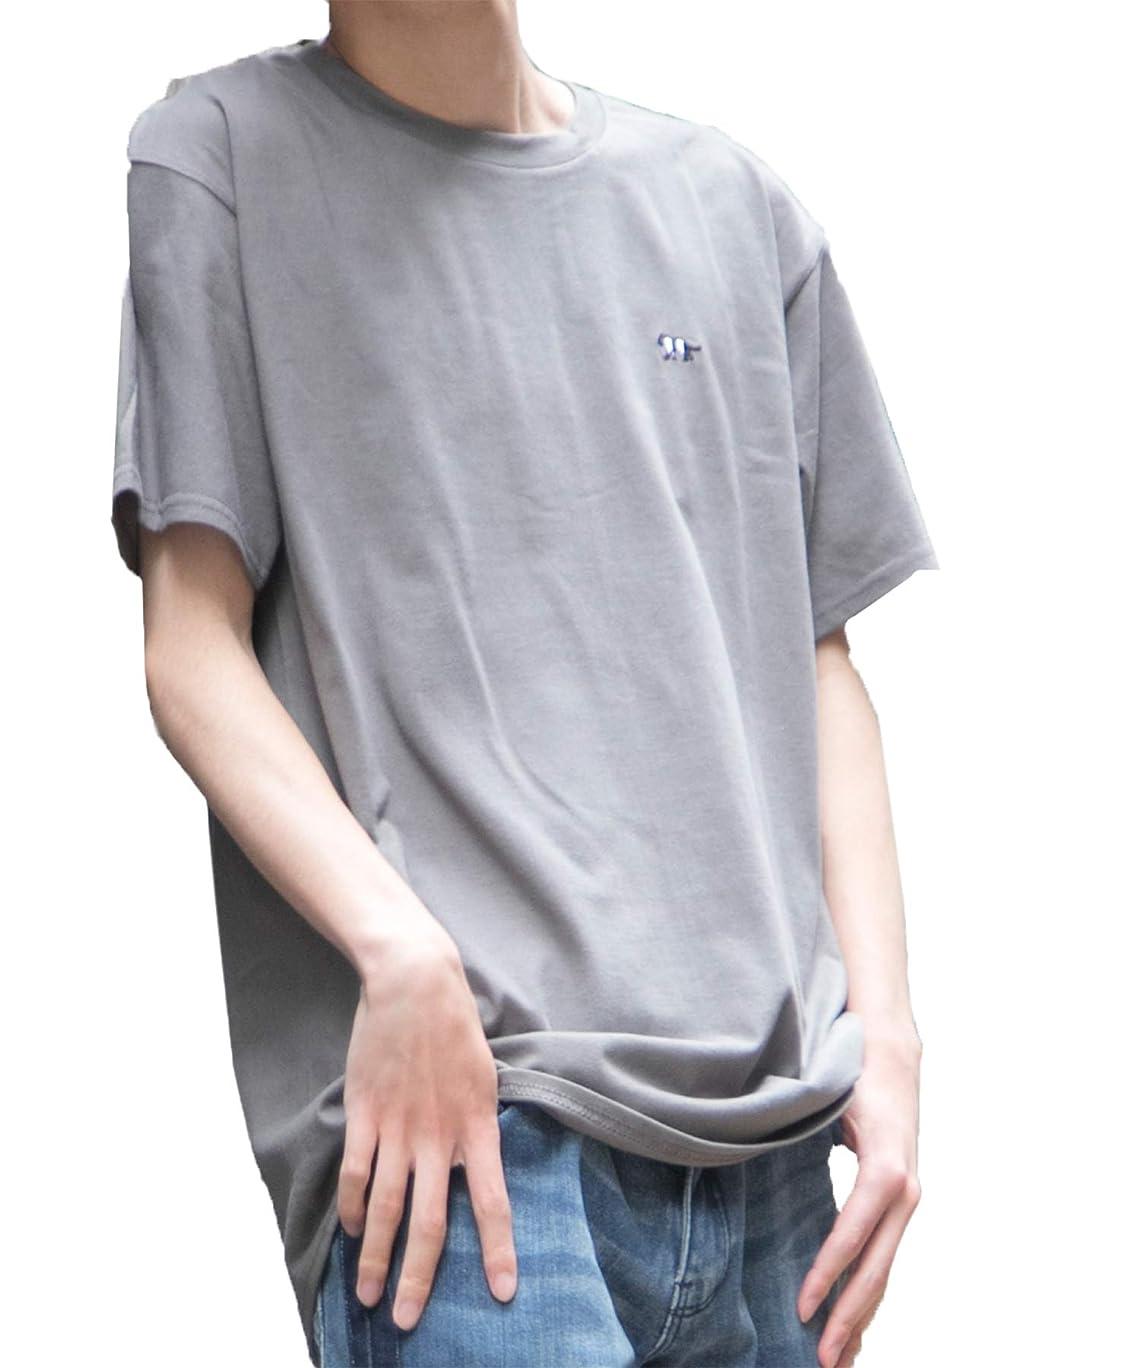 ピッチ漂流ランプ[セカンドルーツ] ストライプジャガー 半袖 メンズ ユニセックス ジャガー刺繍 綿 カットソー ストライプ ジャガー Tシャツ